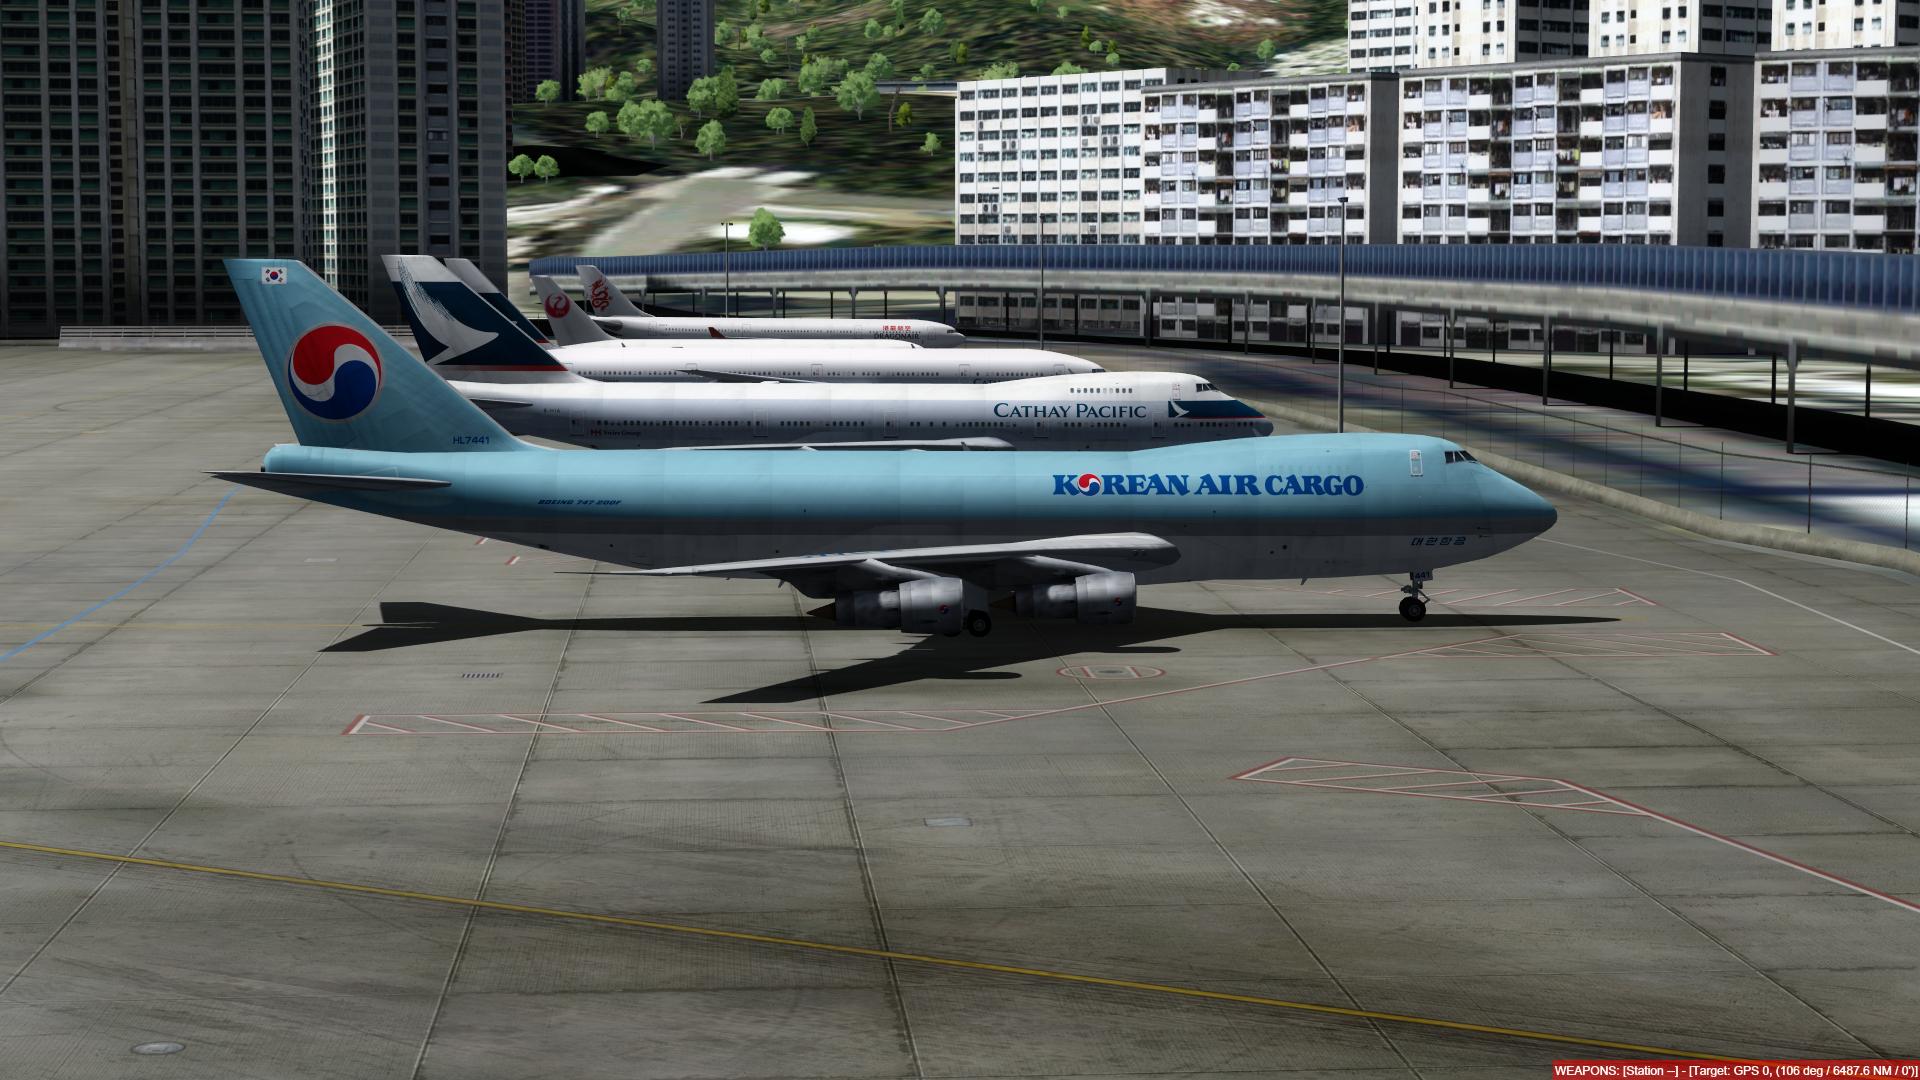 aeroporto - O dia a dia em Hong Kong Kai Tak - O aeroporto mais emocionante do mundo! P3D V4.4 - Só trafego AI. Captura-de-Tela-238